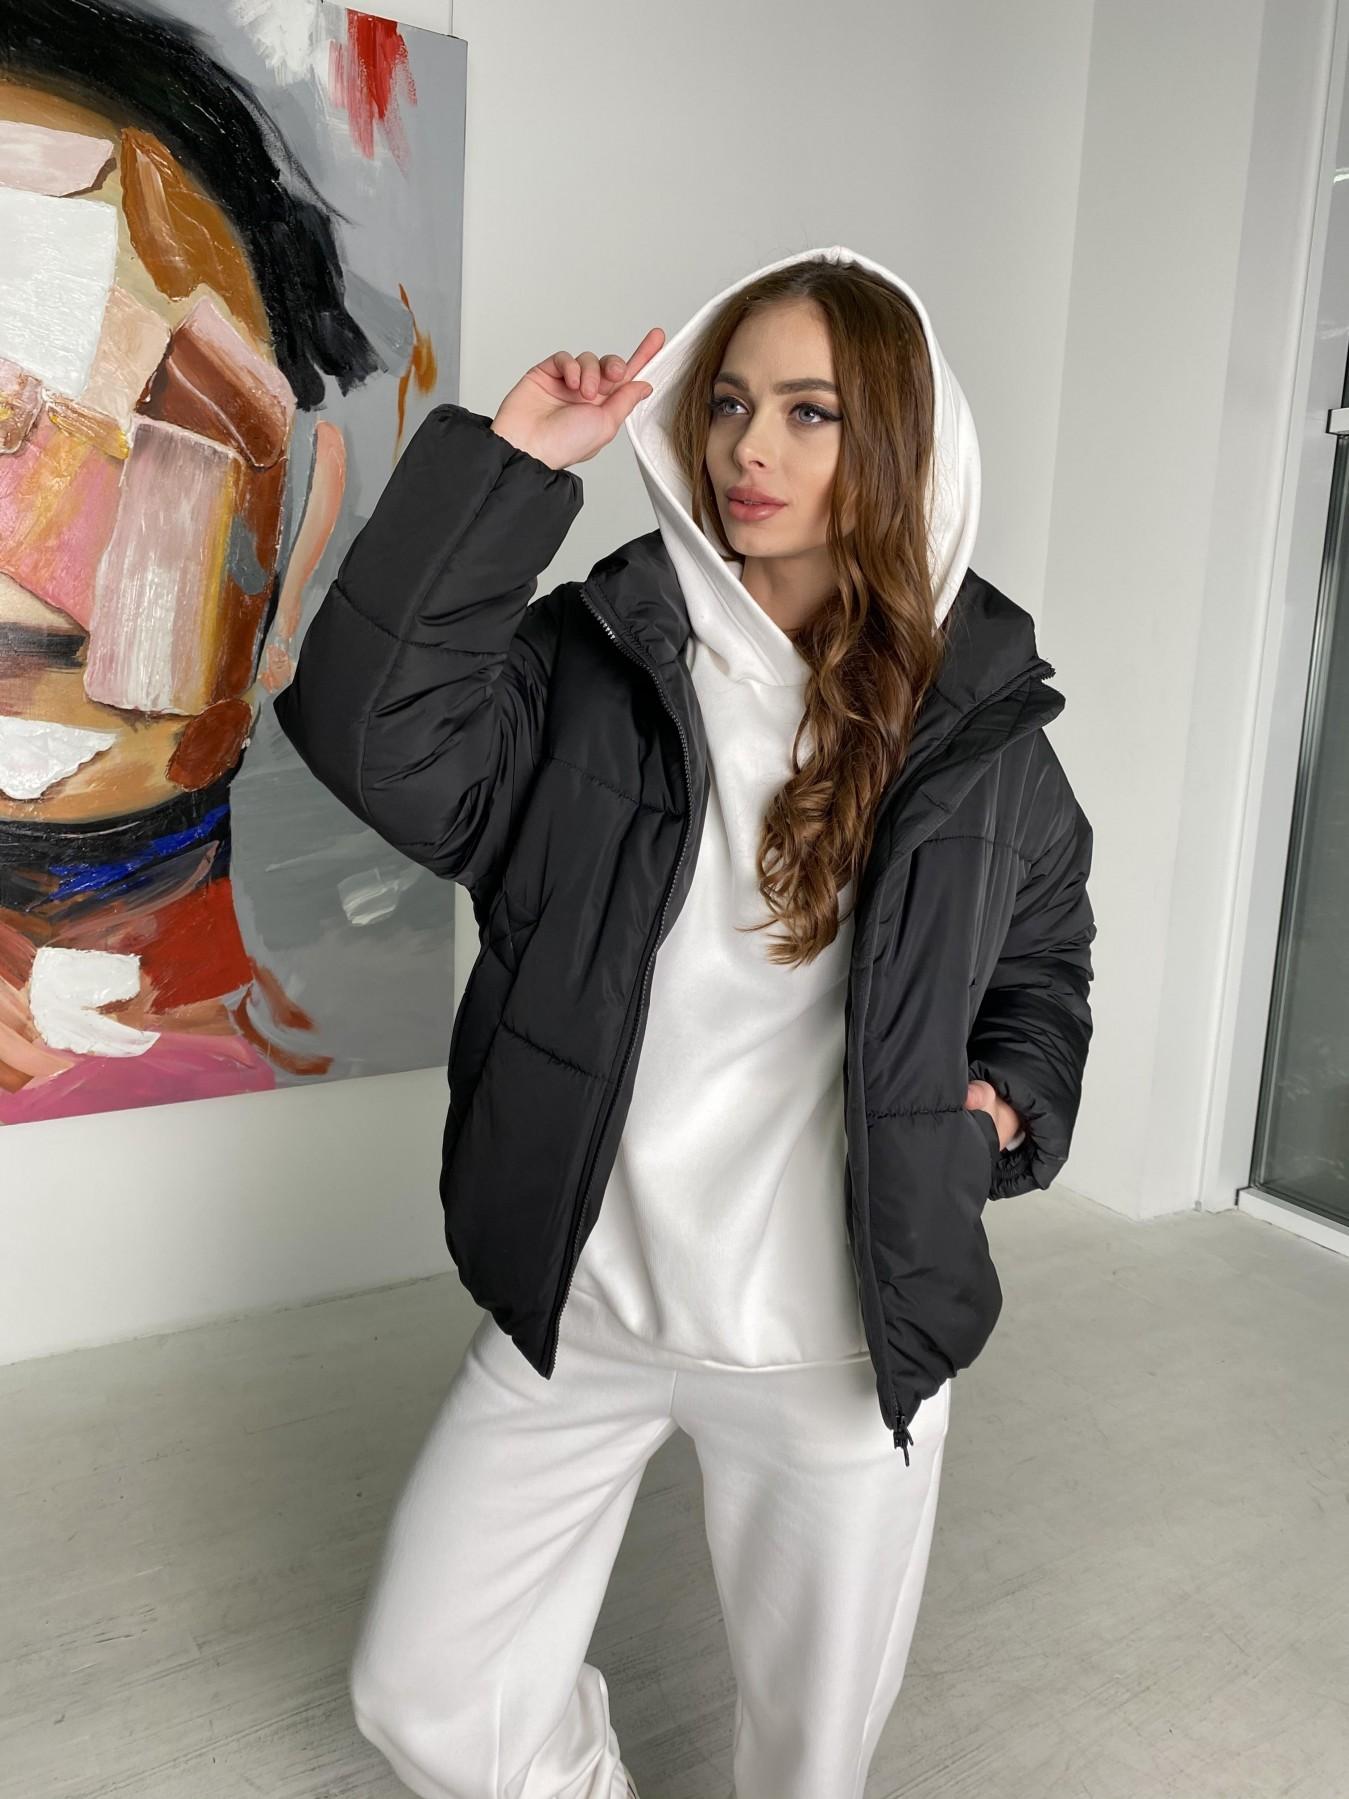 Муд куртка из плащевой ткани 10509 АРТ. 46854 Цвет: Черный - фото 8, интернет магазин tm-modus.ru